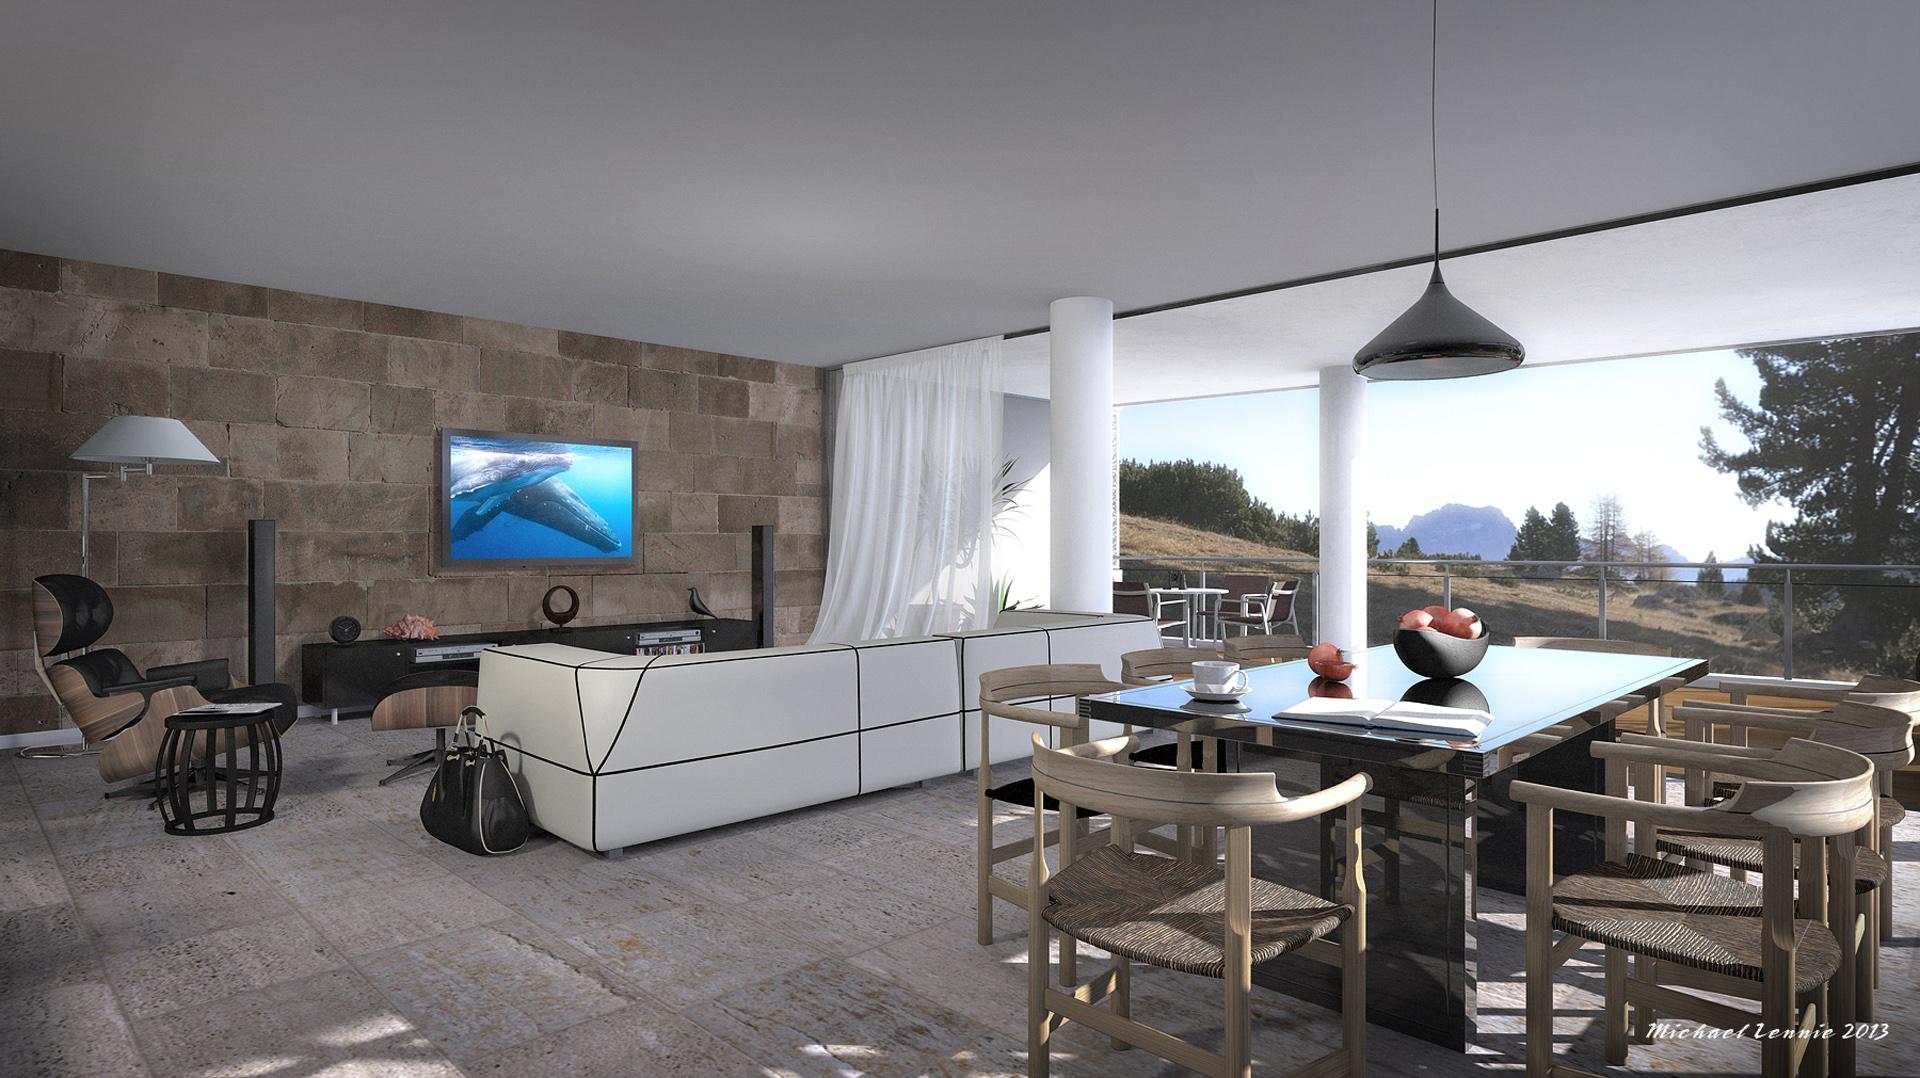 Artlantis r 7 e studio 7 rendering fotorealismo e for Miglior programma per rendering di interni